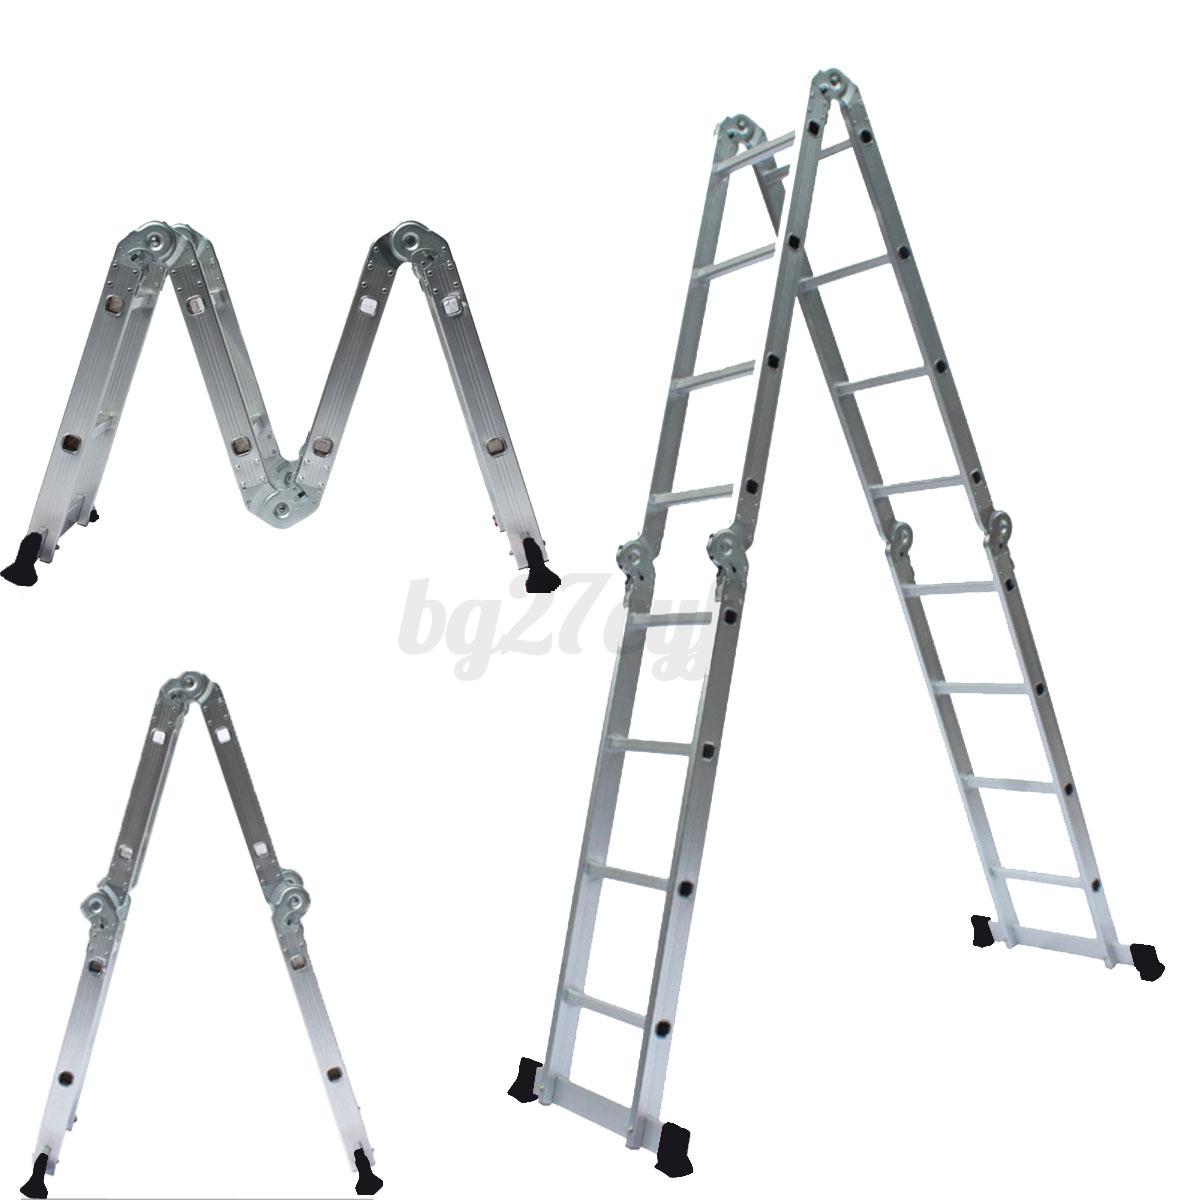 30cm Multi Purpose Aluminium Folding Extension Ladder Step